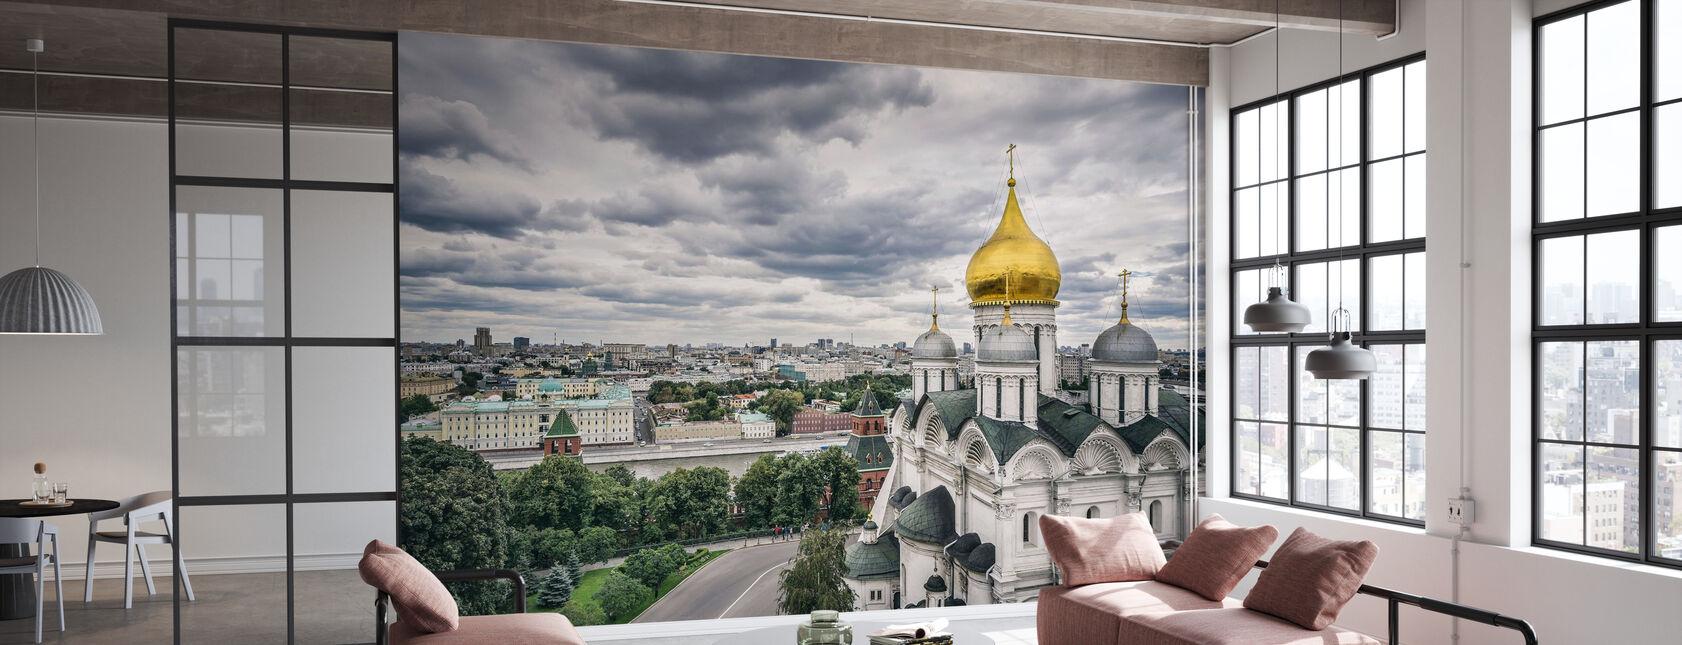 Grey Sky over Kremlin - Wallpaper - Office